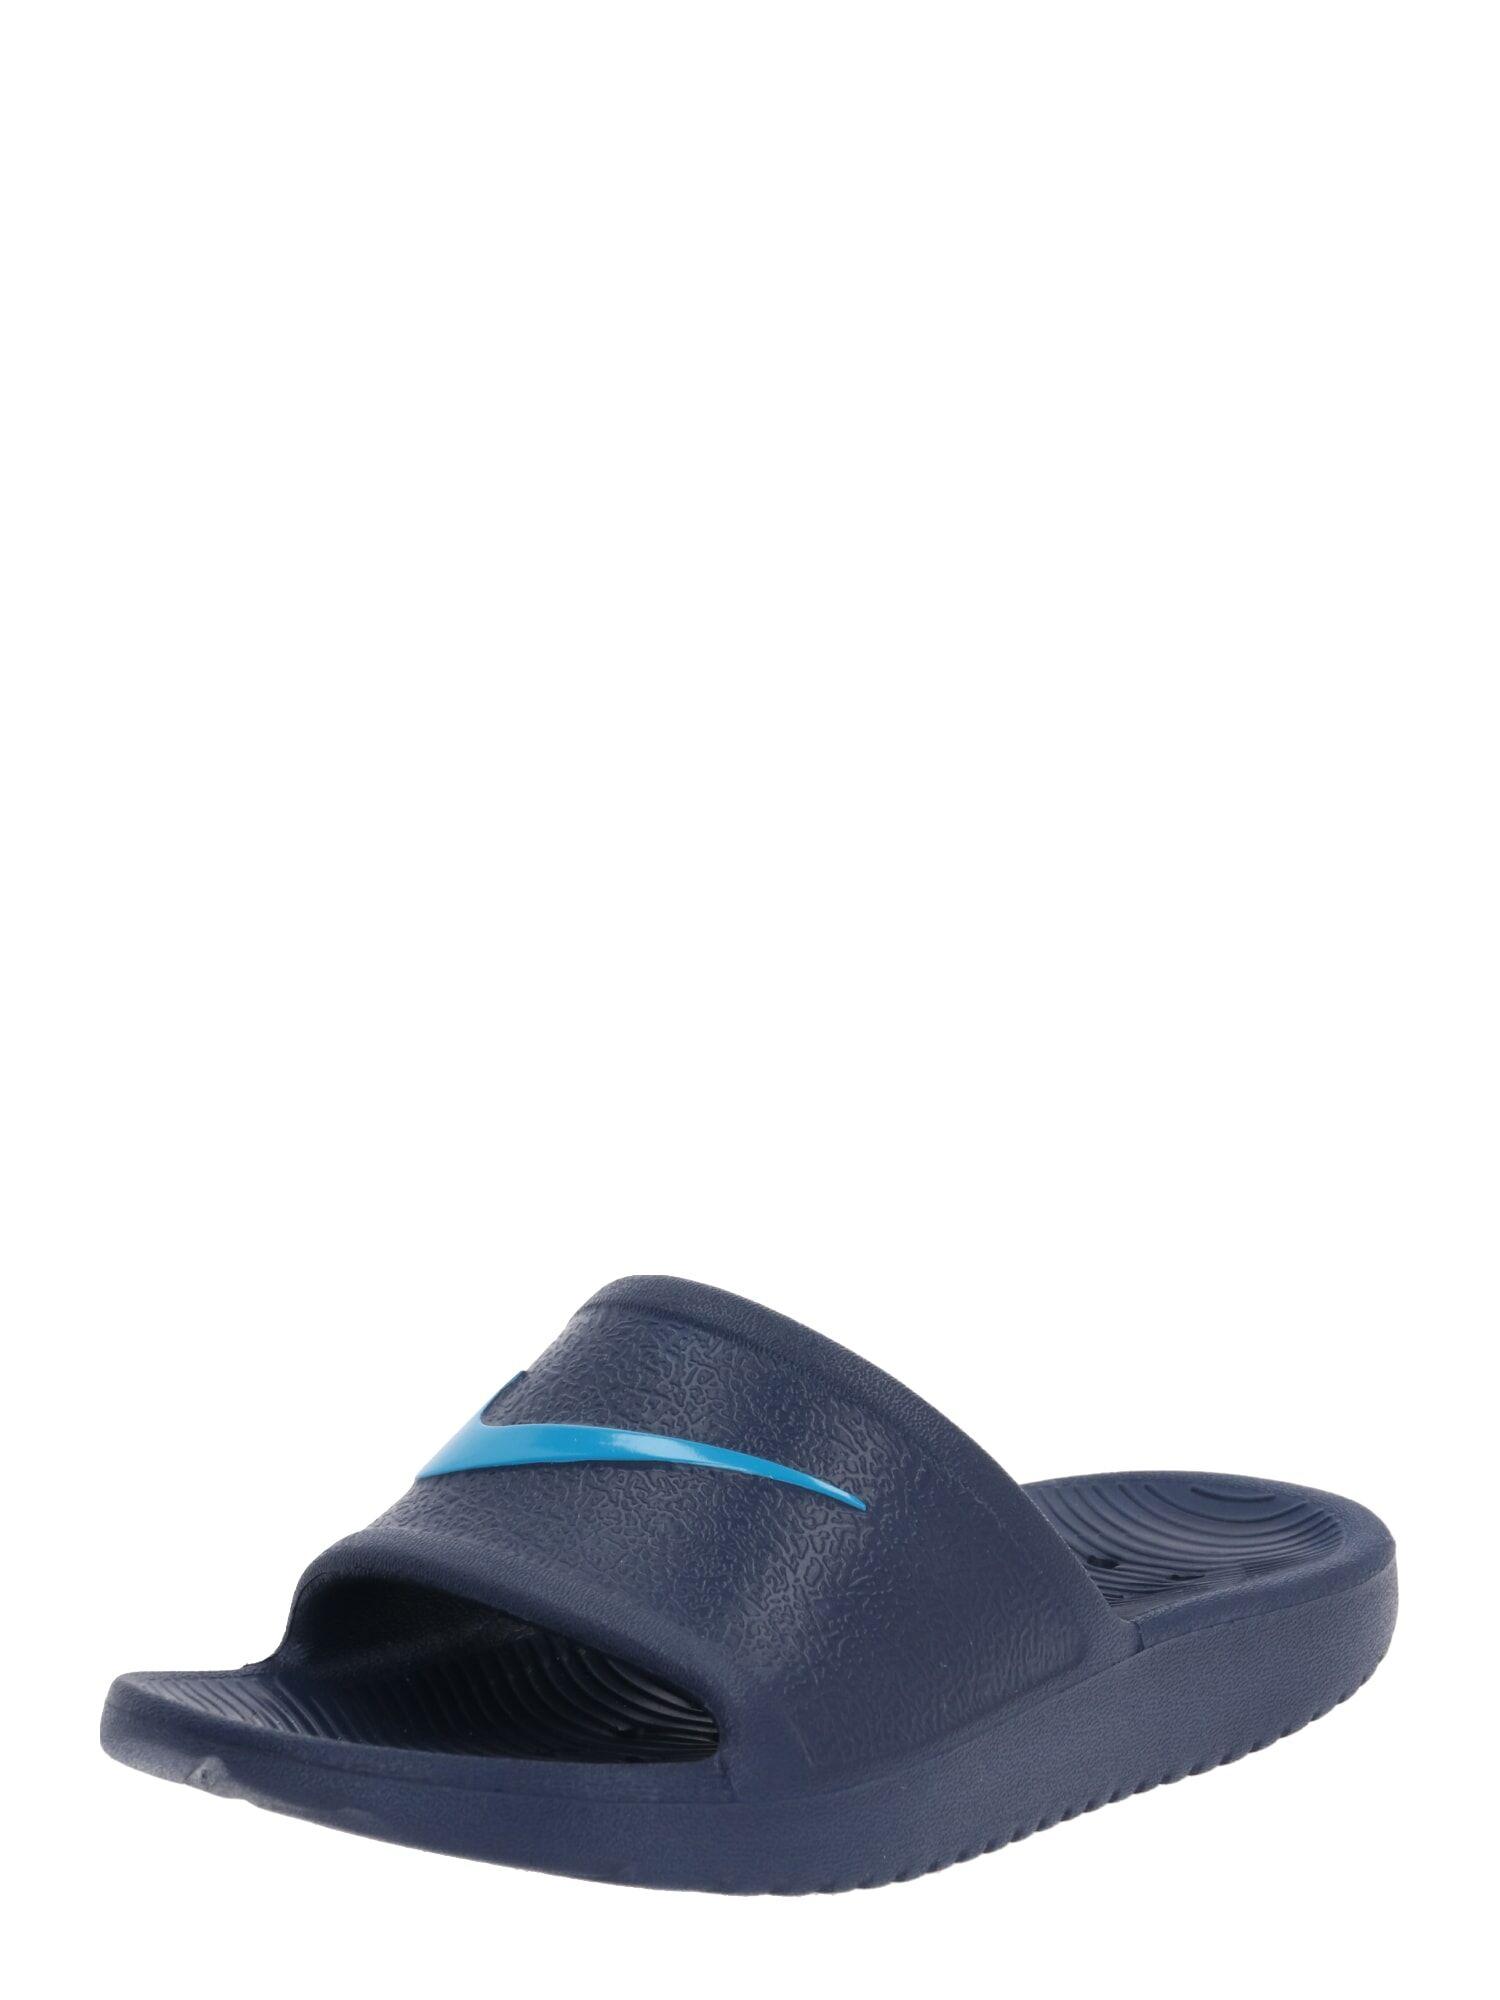 Nike Sportswear Chaussures ouvertes 'KAWA'  - Bleu - Taille: 11C - boy